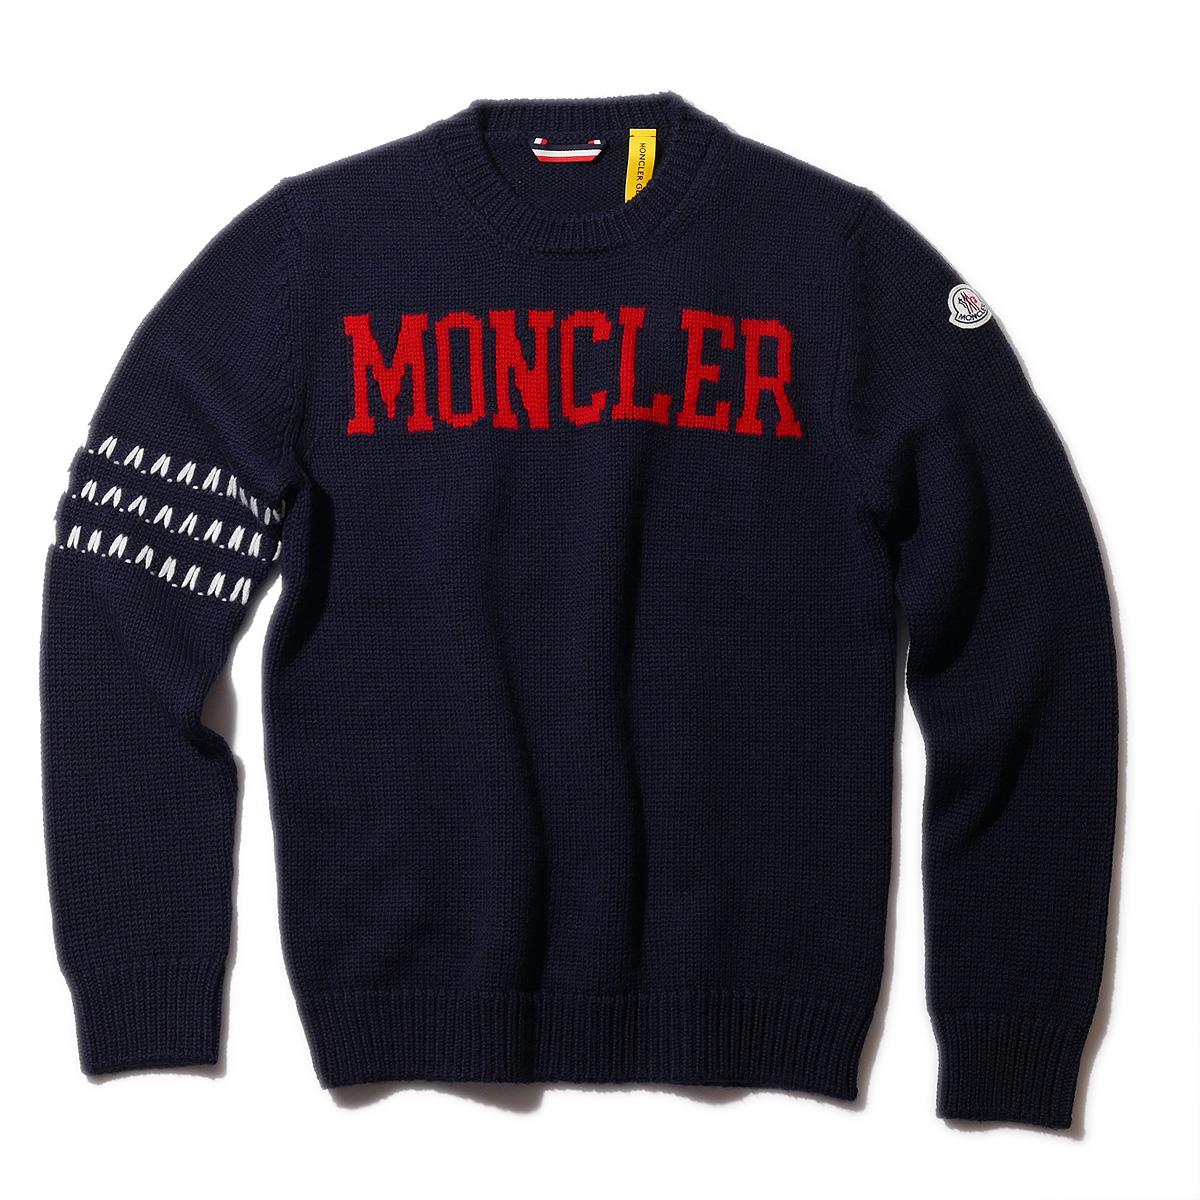 モンクレール ジーニアス クルーネックニット 2 MONCLER 1952 Geniusメンズ セーター【2018-19秋冬】